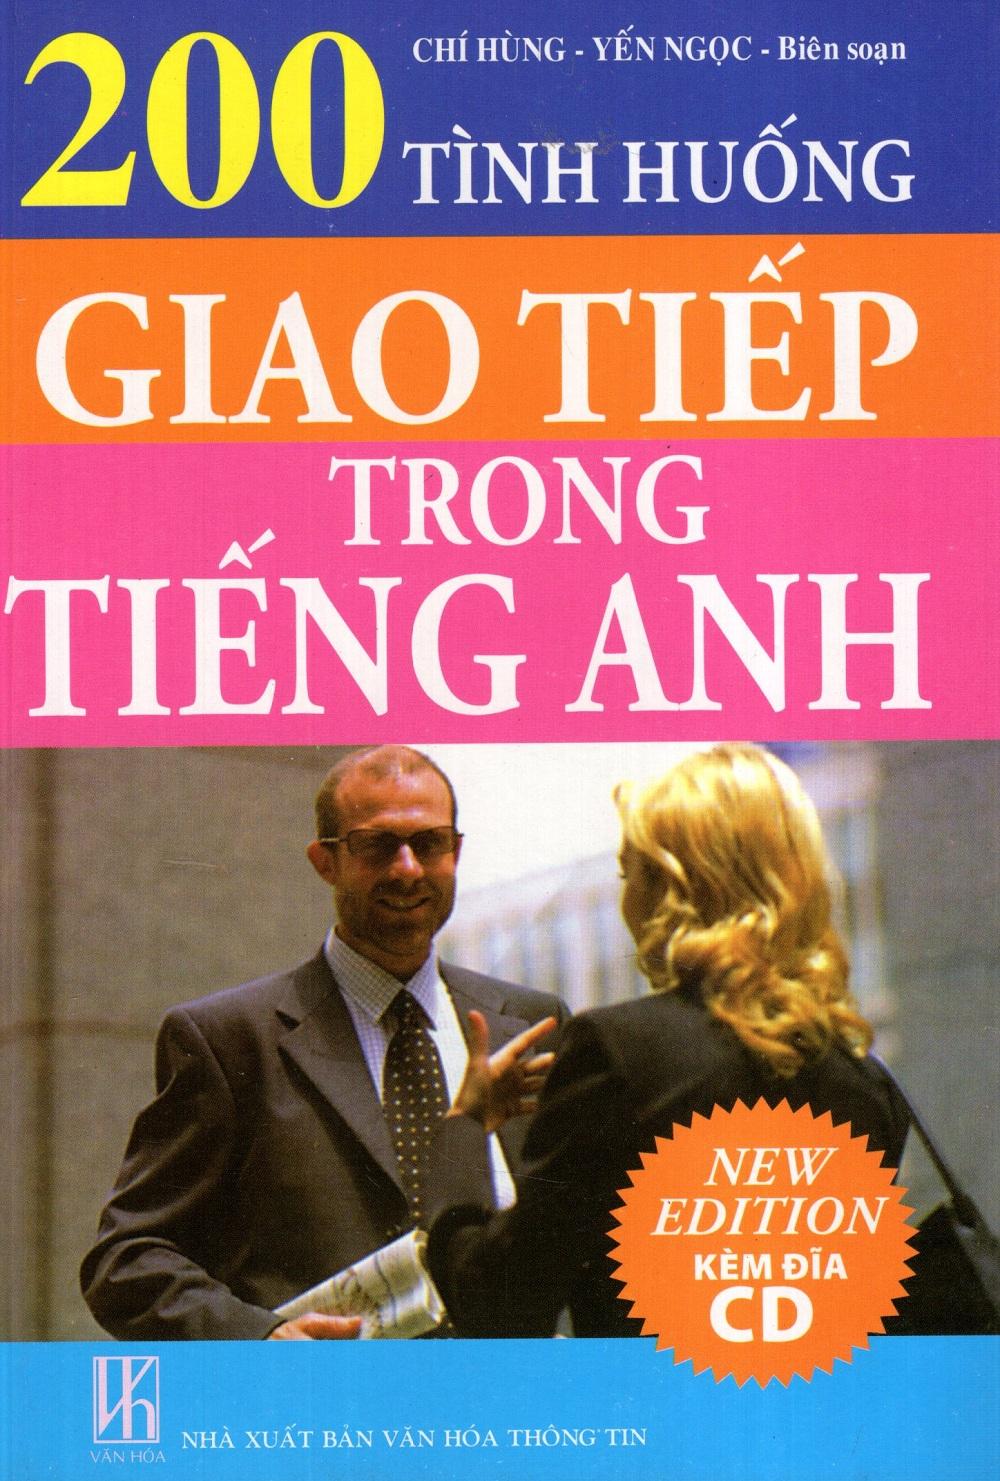 Bìa sách 200 Tình Huống Giao Tiếp Trong Tiếng Anh (Kèm CD)